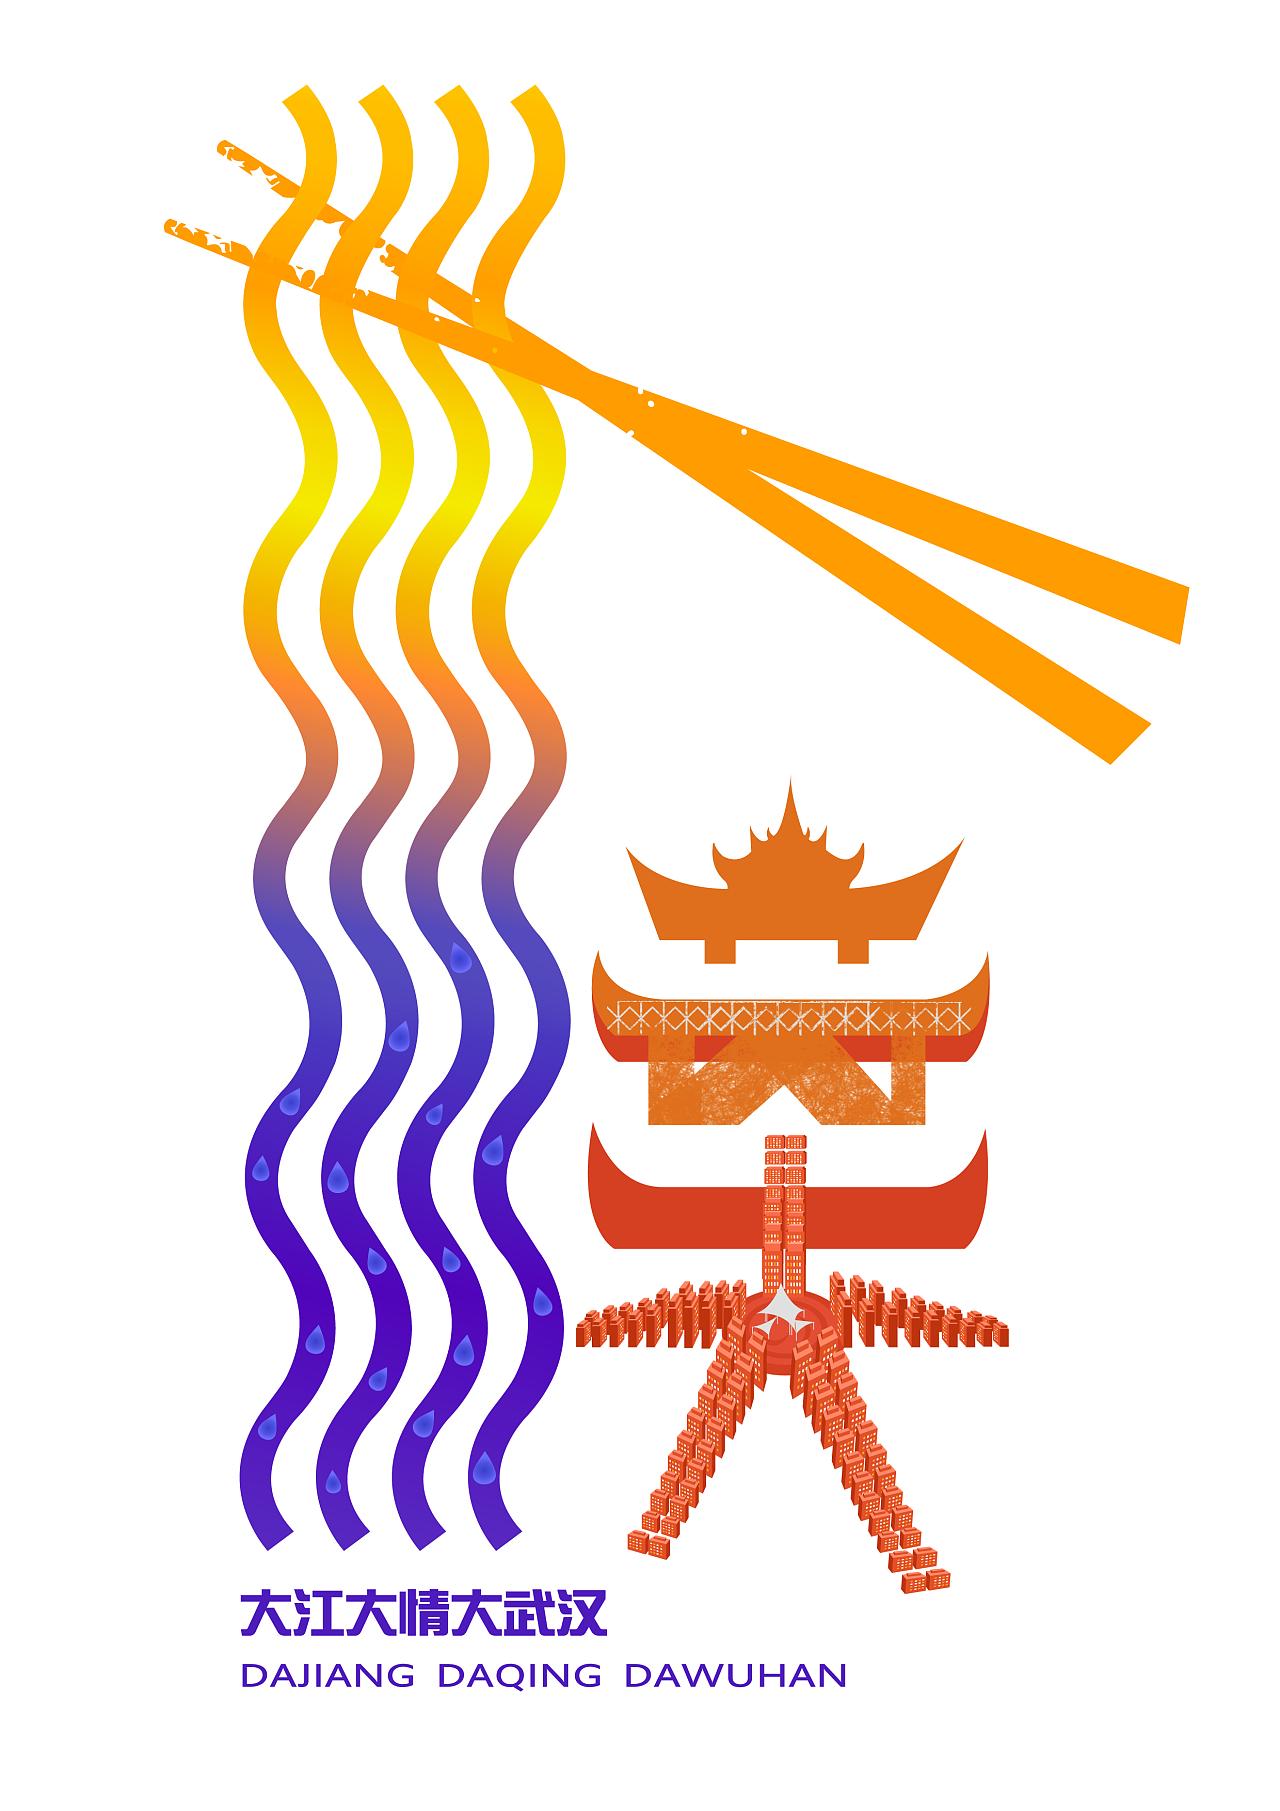 给武汉做的一个字体设计,前期构思花费了较图片